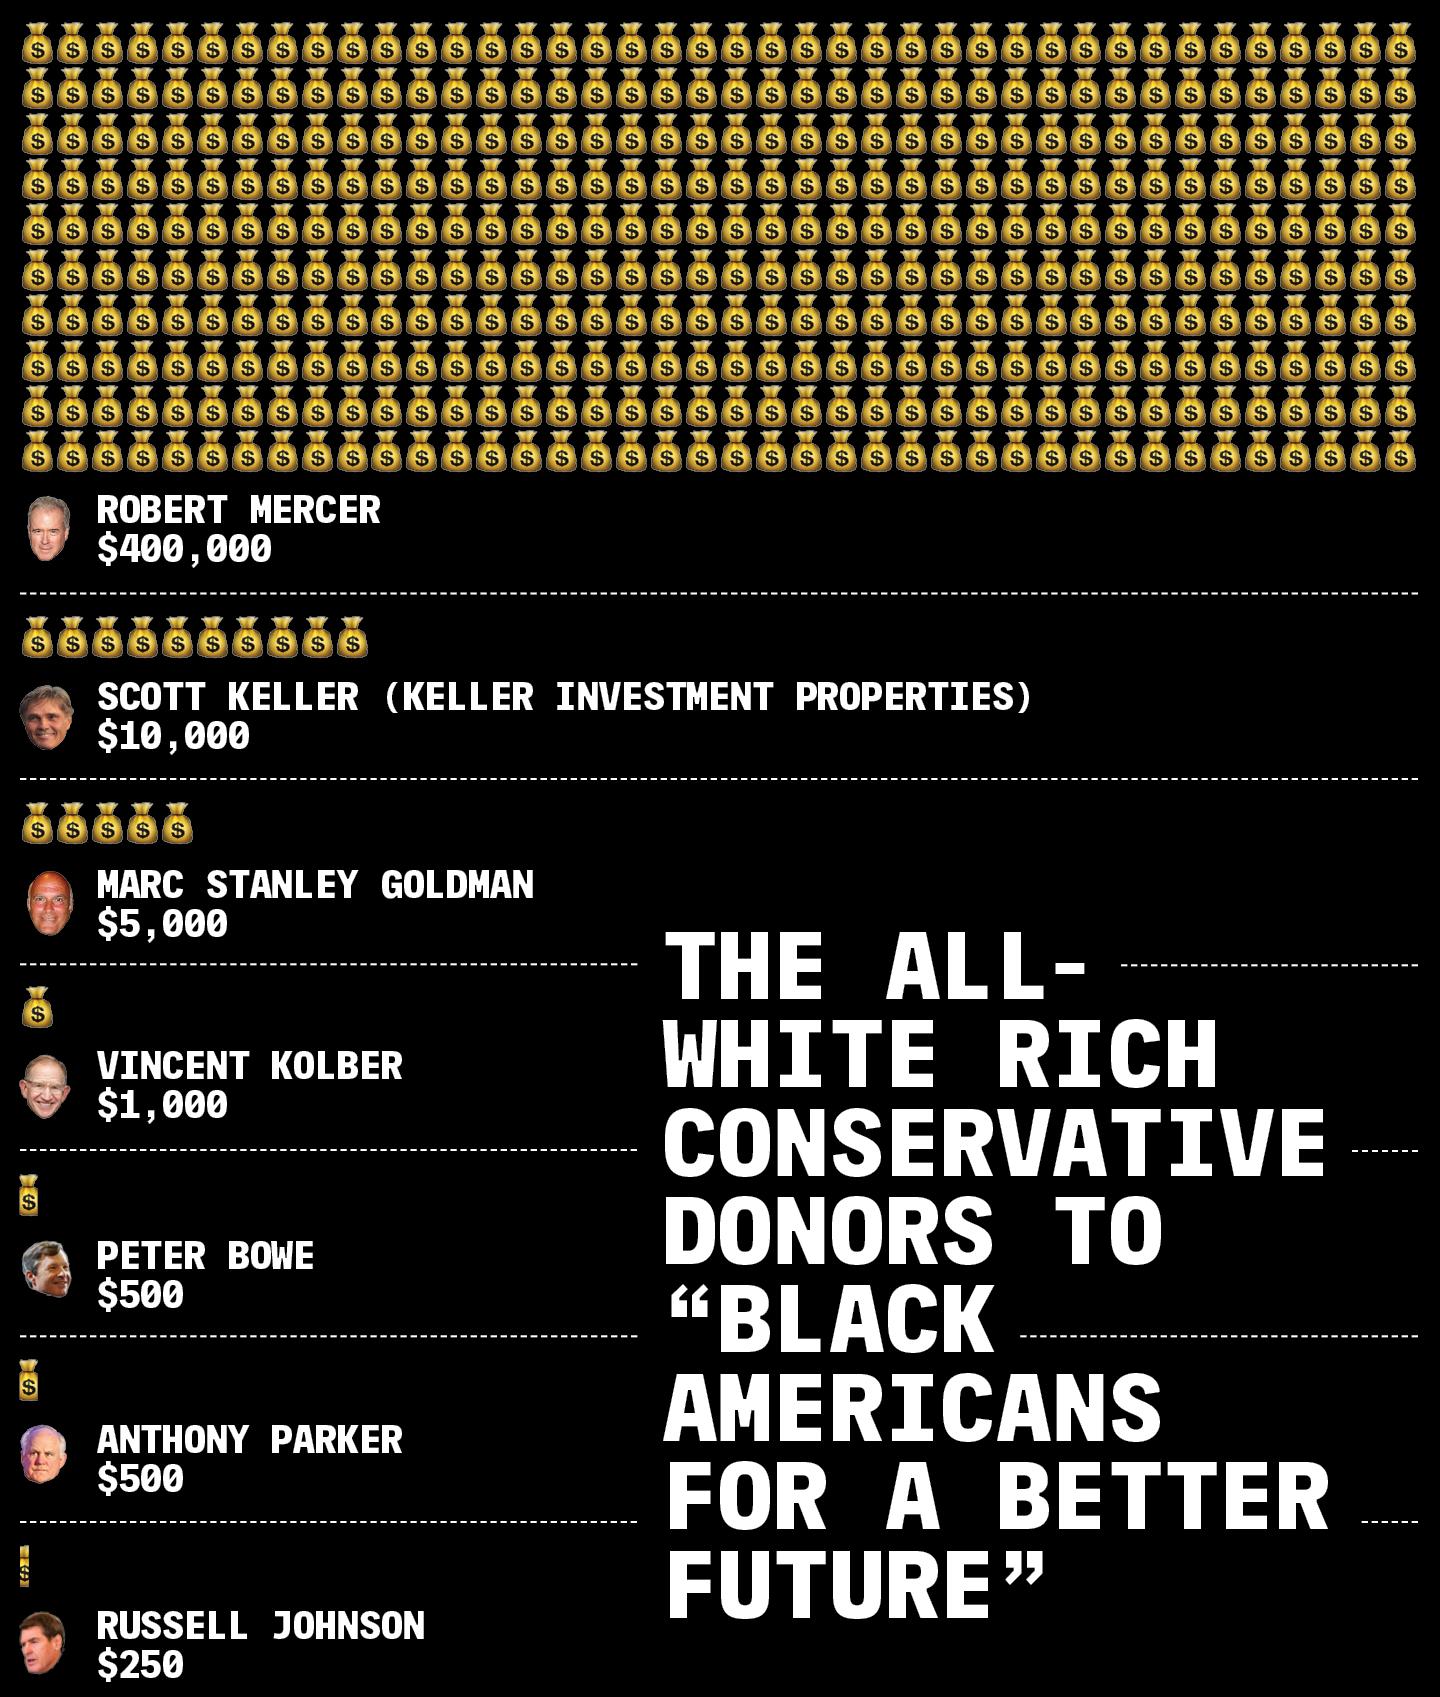 Fekete amerikaiak és világot megváltó fiatalok nevében hoznak létre elnökjelölteket támogató szervezeteket öreg, fehér, konzervatív férfiak az Egyesült Államokban